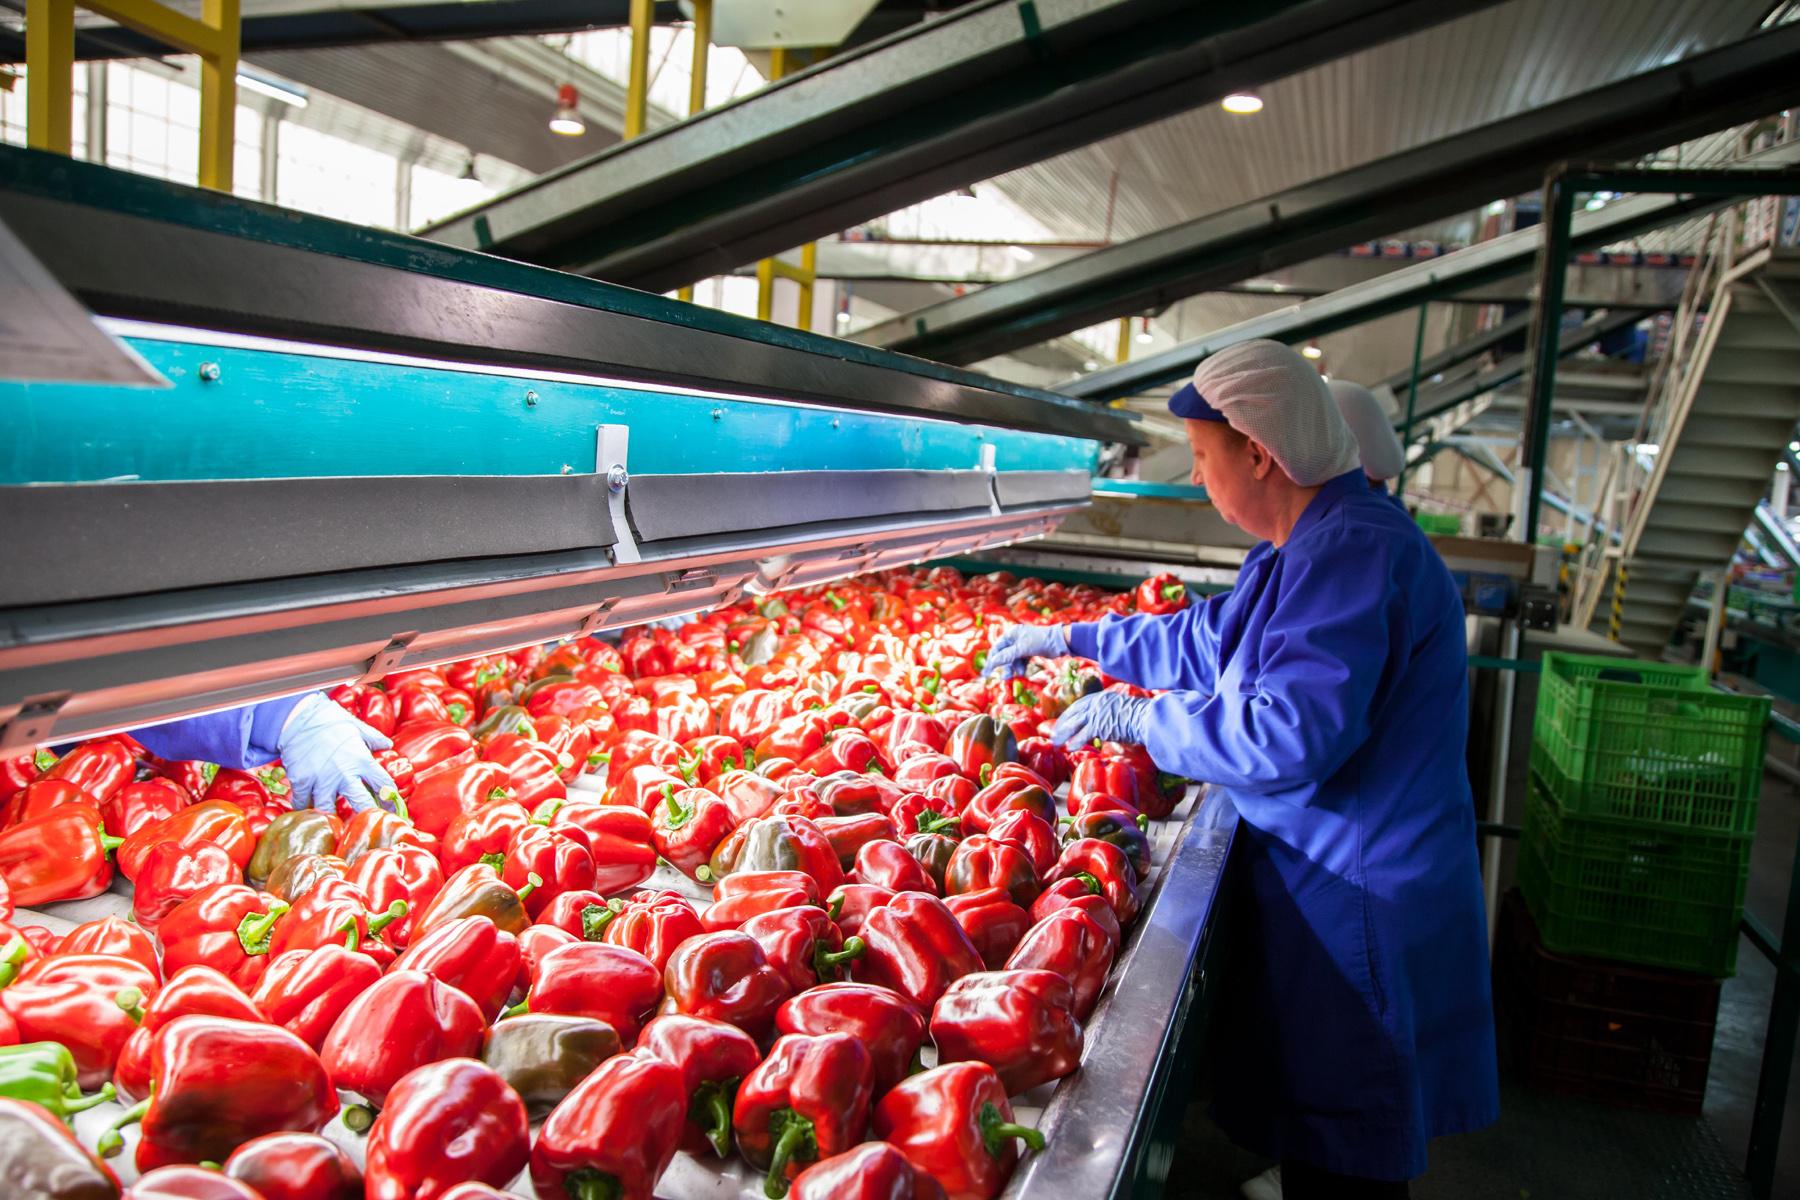 Andalucía bate su récord en exportaciones agroalimentarias en 2020 con 11.255 millones de euros